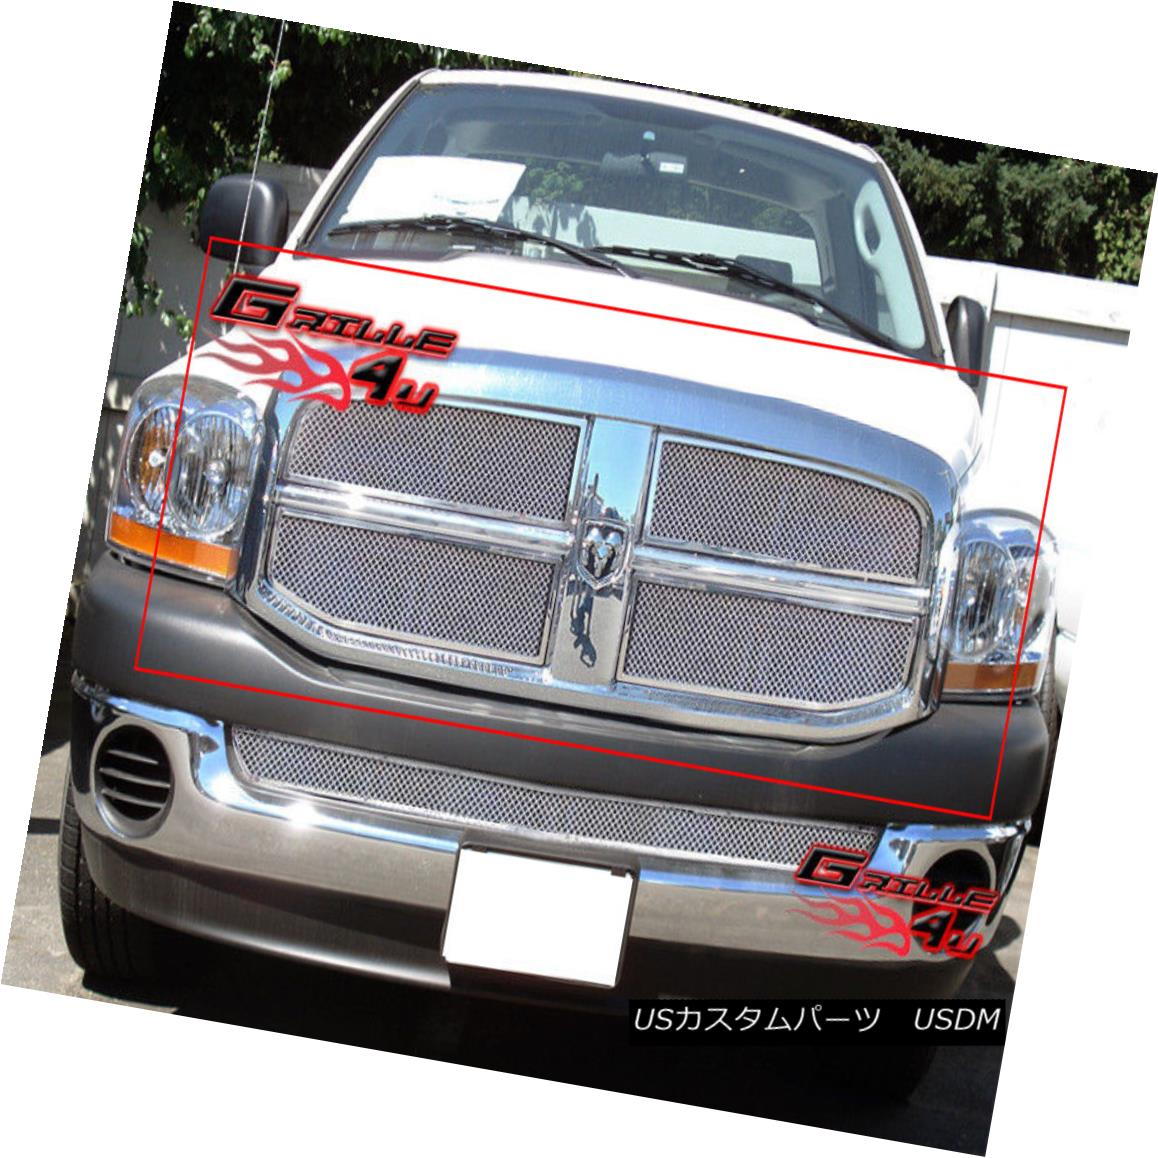 グリル Fits 2006-2008 Dodge Ram Stainless Steel Mesh Grille Insert 2006-2008 Dodge Ramステンレスメッシュグリルインサートに適合